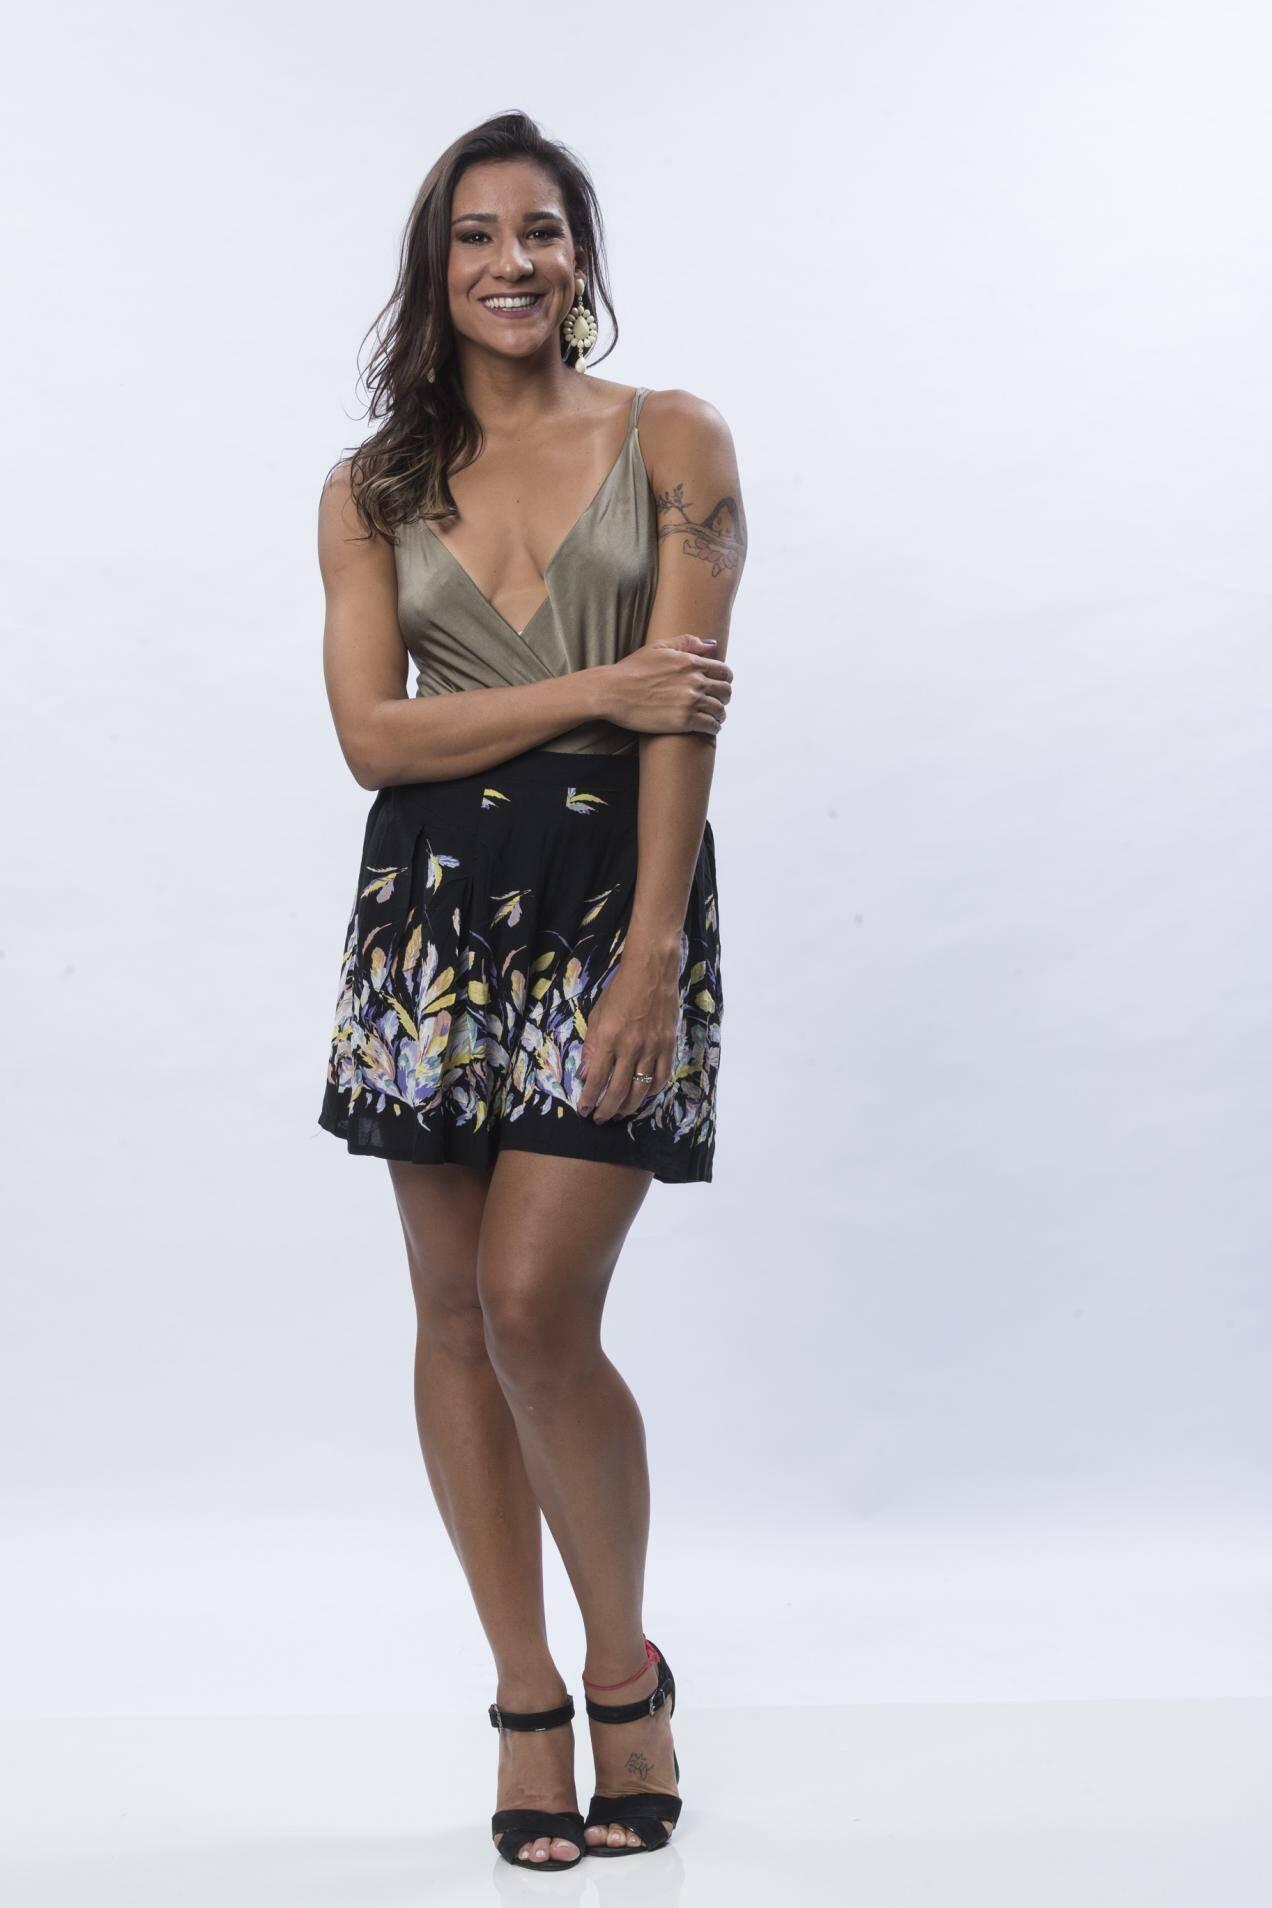 Joanna Maranhão, nadadora, 30 anos. Foto: Divulgação